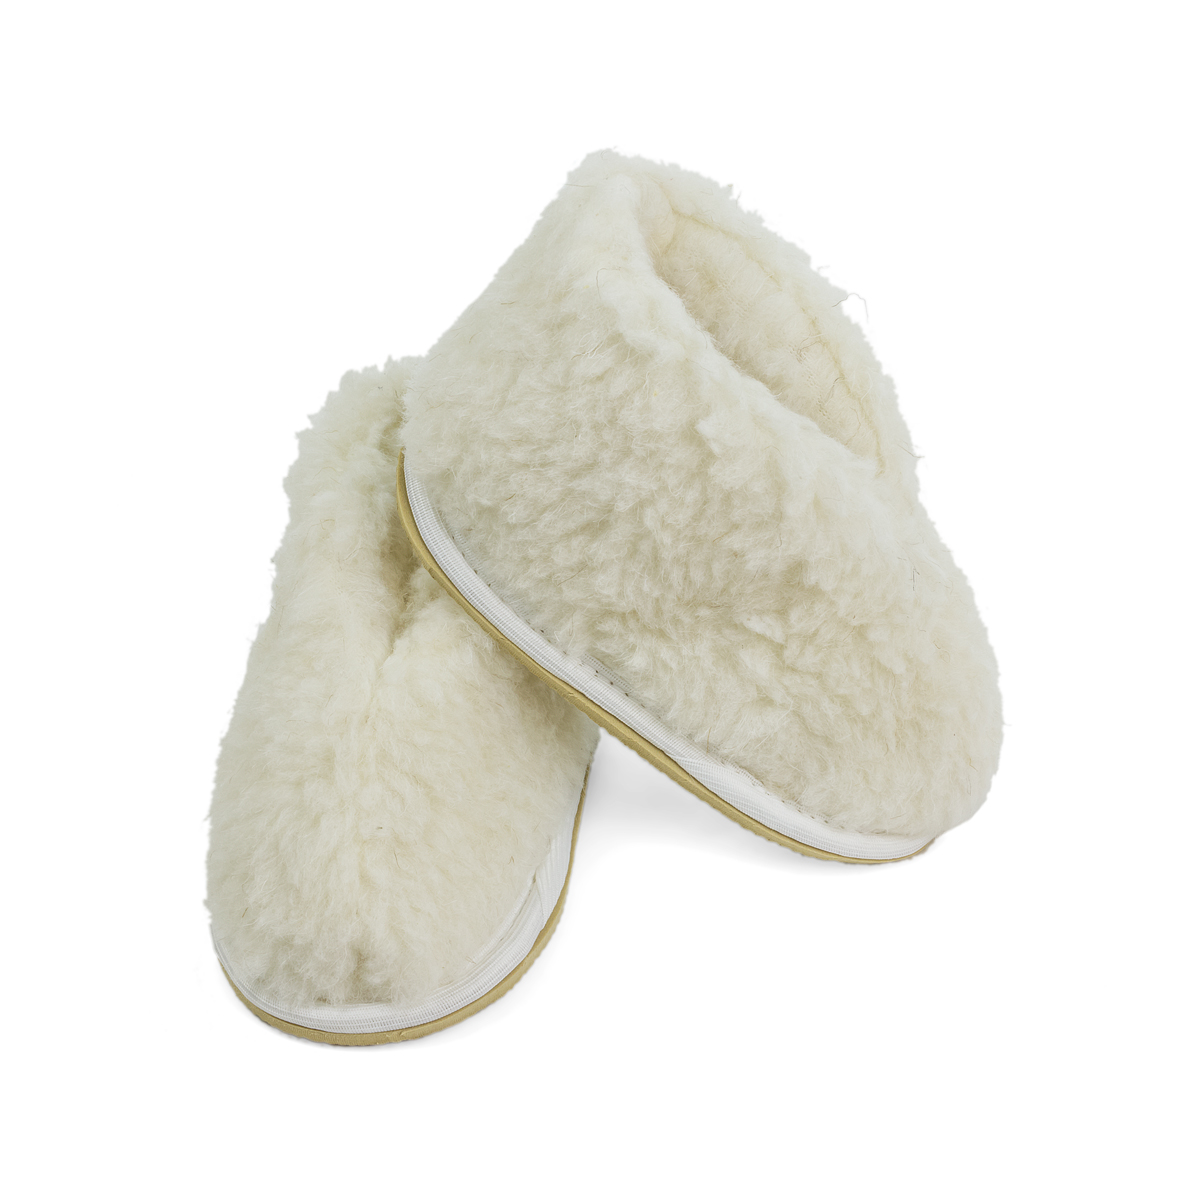 Обувь Бабуши Уют Детские Бежевый р. 24-25Аксессуары и обувь<br><br><br>Тип: Обувь<br>Размер: 24-25<br>Материал: Овечья шерсть